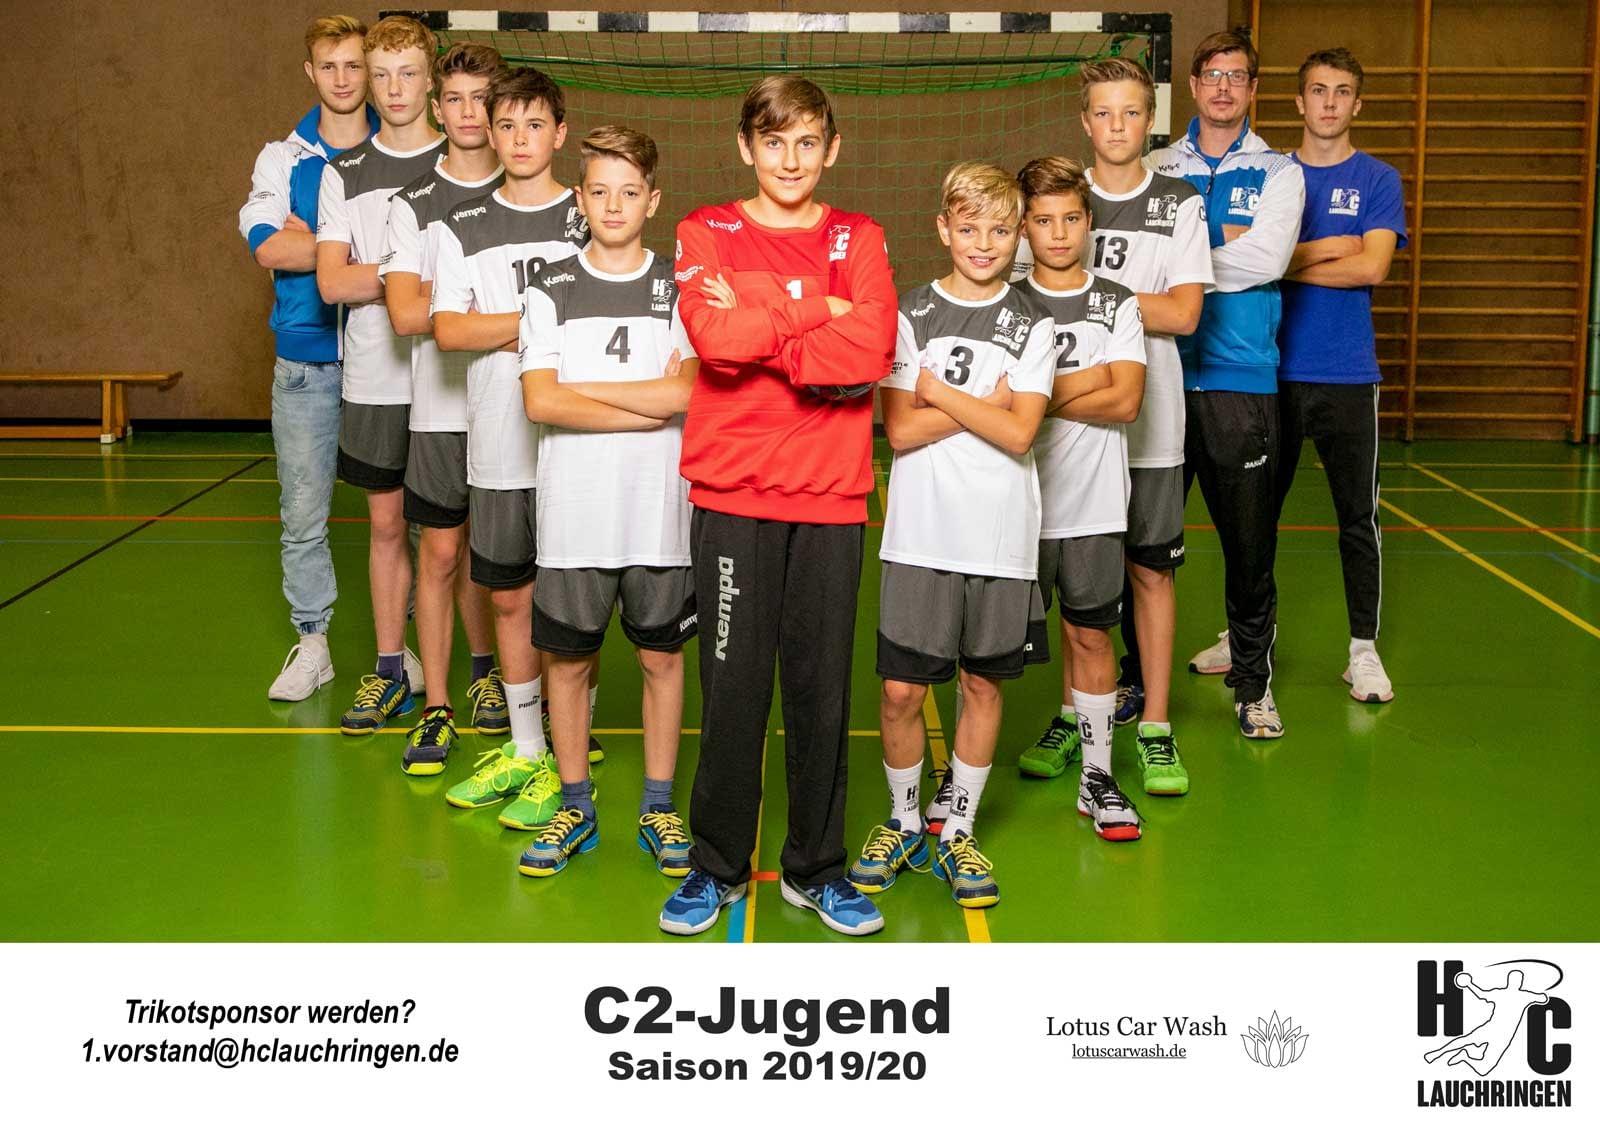 C2-Jugend männlich